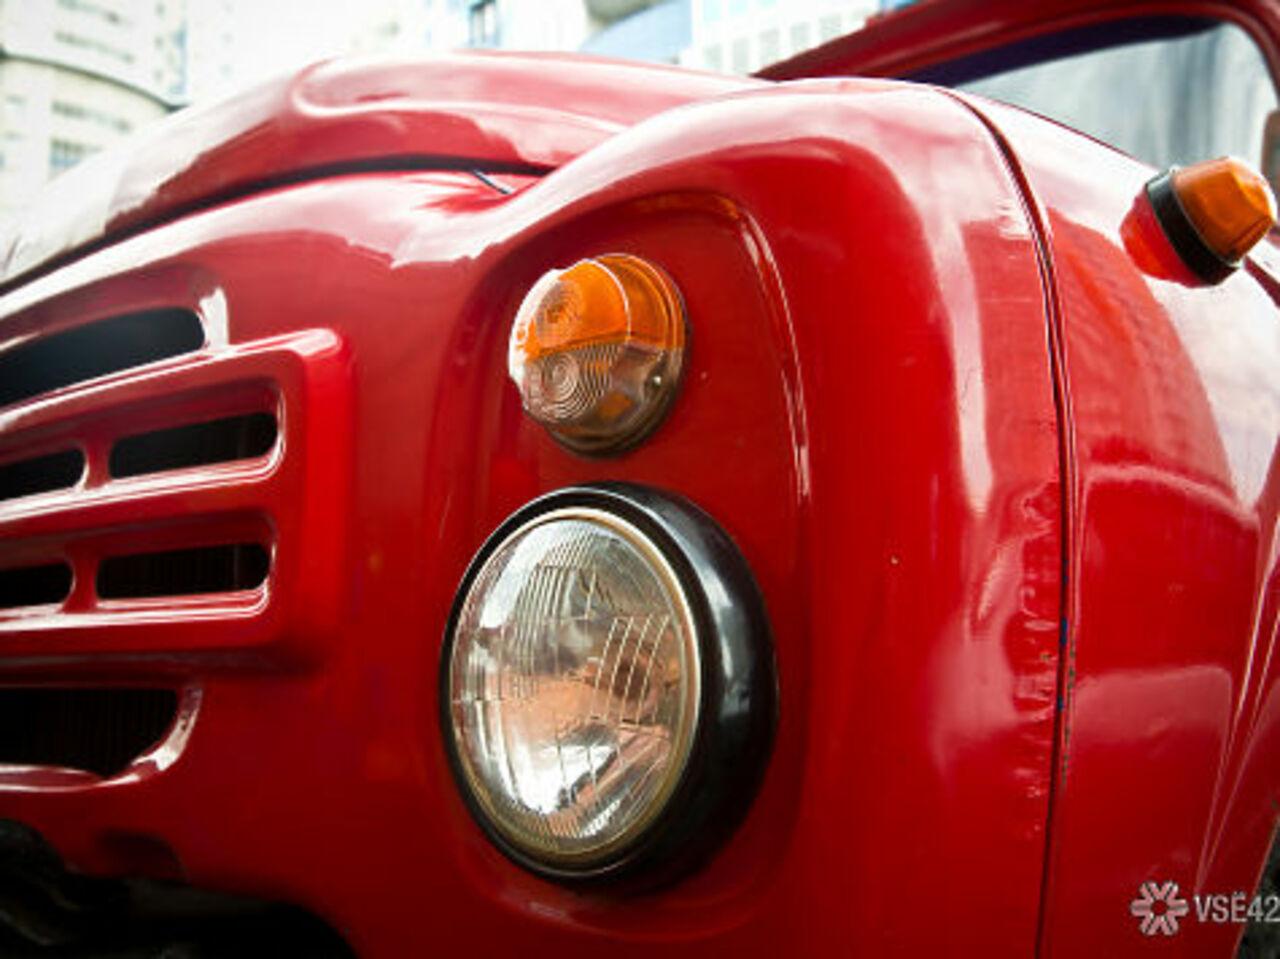 ВДомодедово пожарная машина сбила группу пешеходов. Один человек погиб